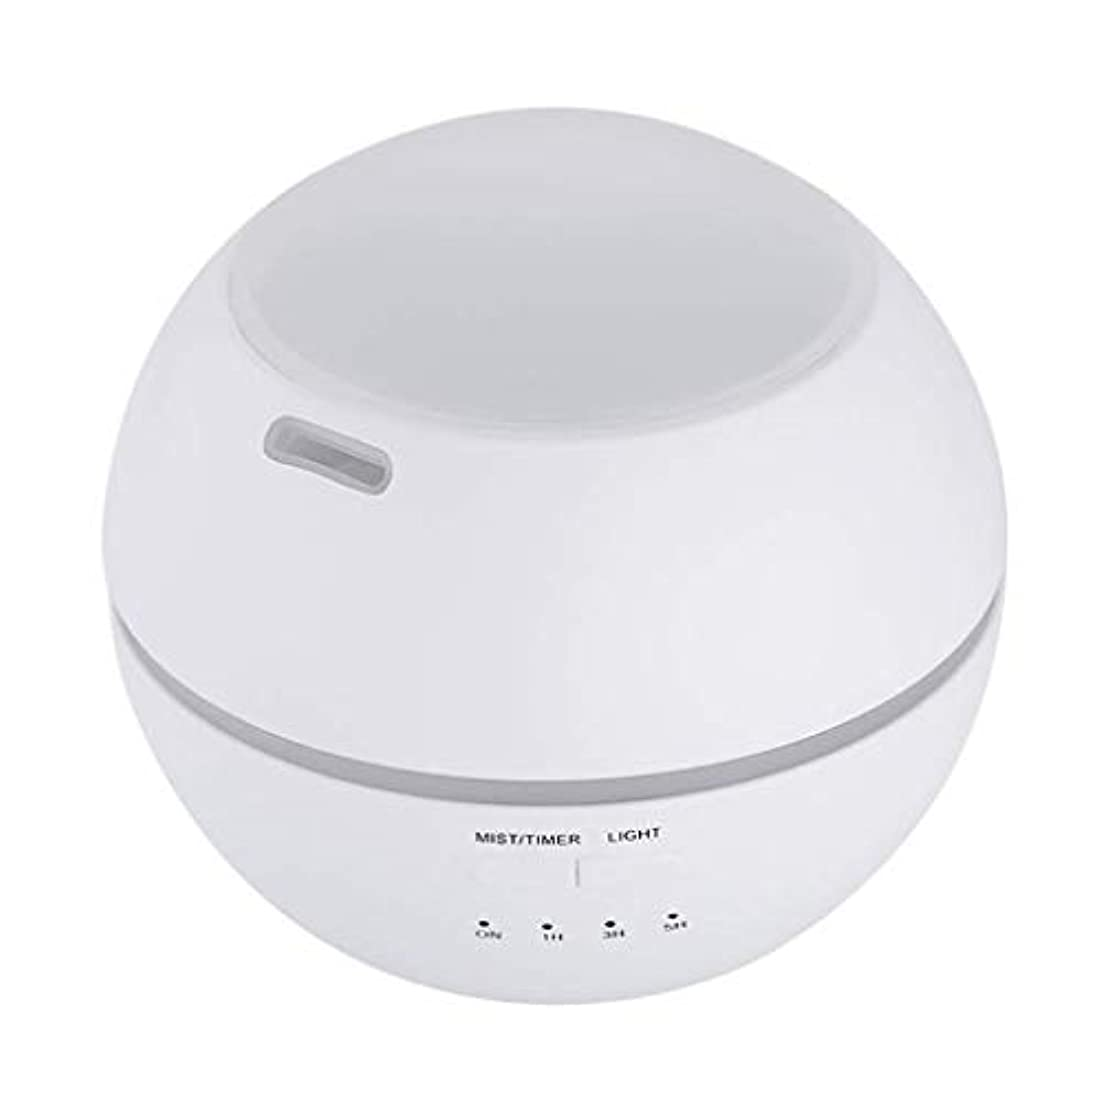 血かけがえのないピック加湿器、ポータブルアロマテラピーランプ、エッセンシャルオイルディフューザー加湿器、LEDランプの色を変える、空気清浄アロマテラピーマシン、サイレント家庭用 (Color : 白)